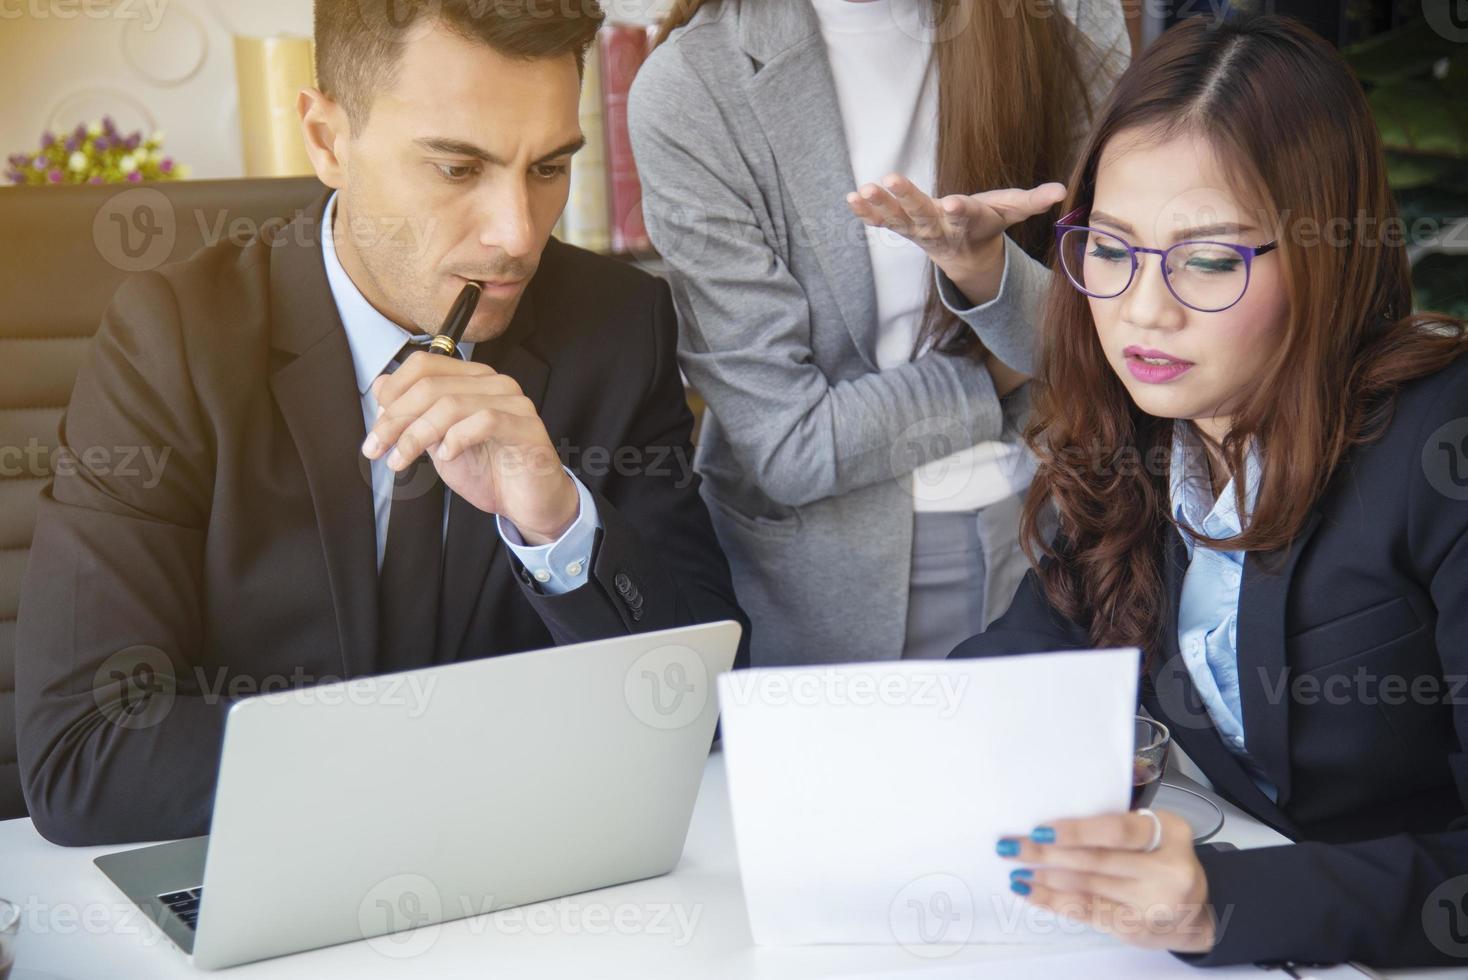 groep van mensen uit het bedrijfsleven praten en discussie in de vergaderzaal. modern kantoor. foto